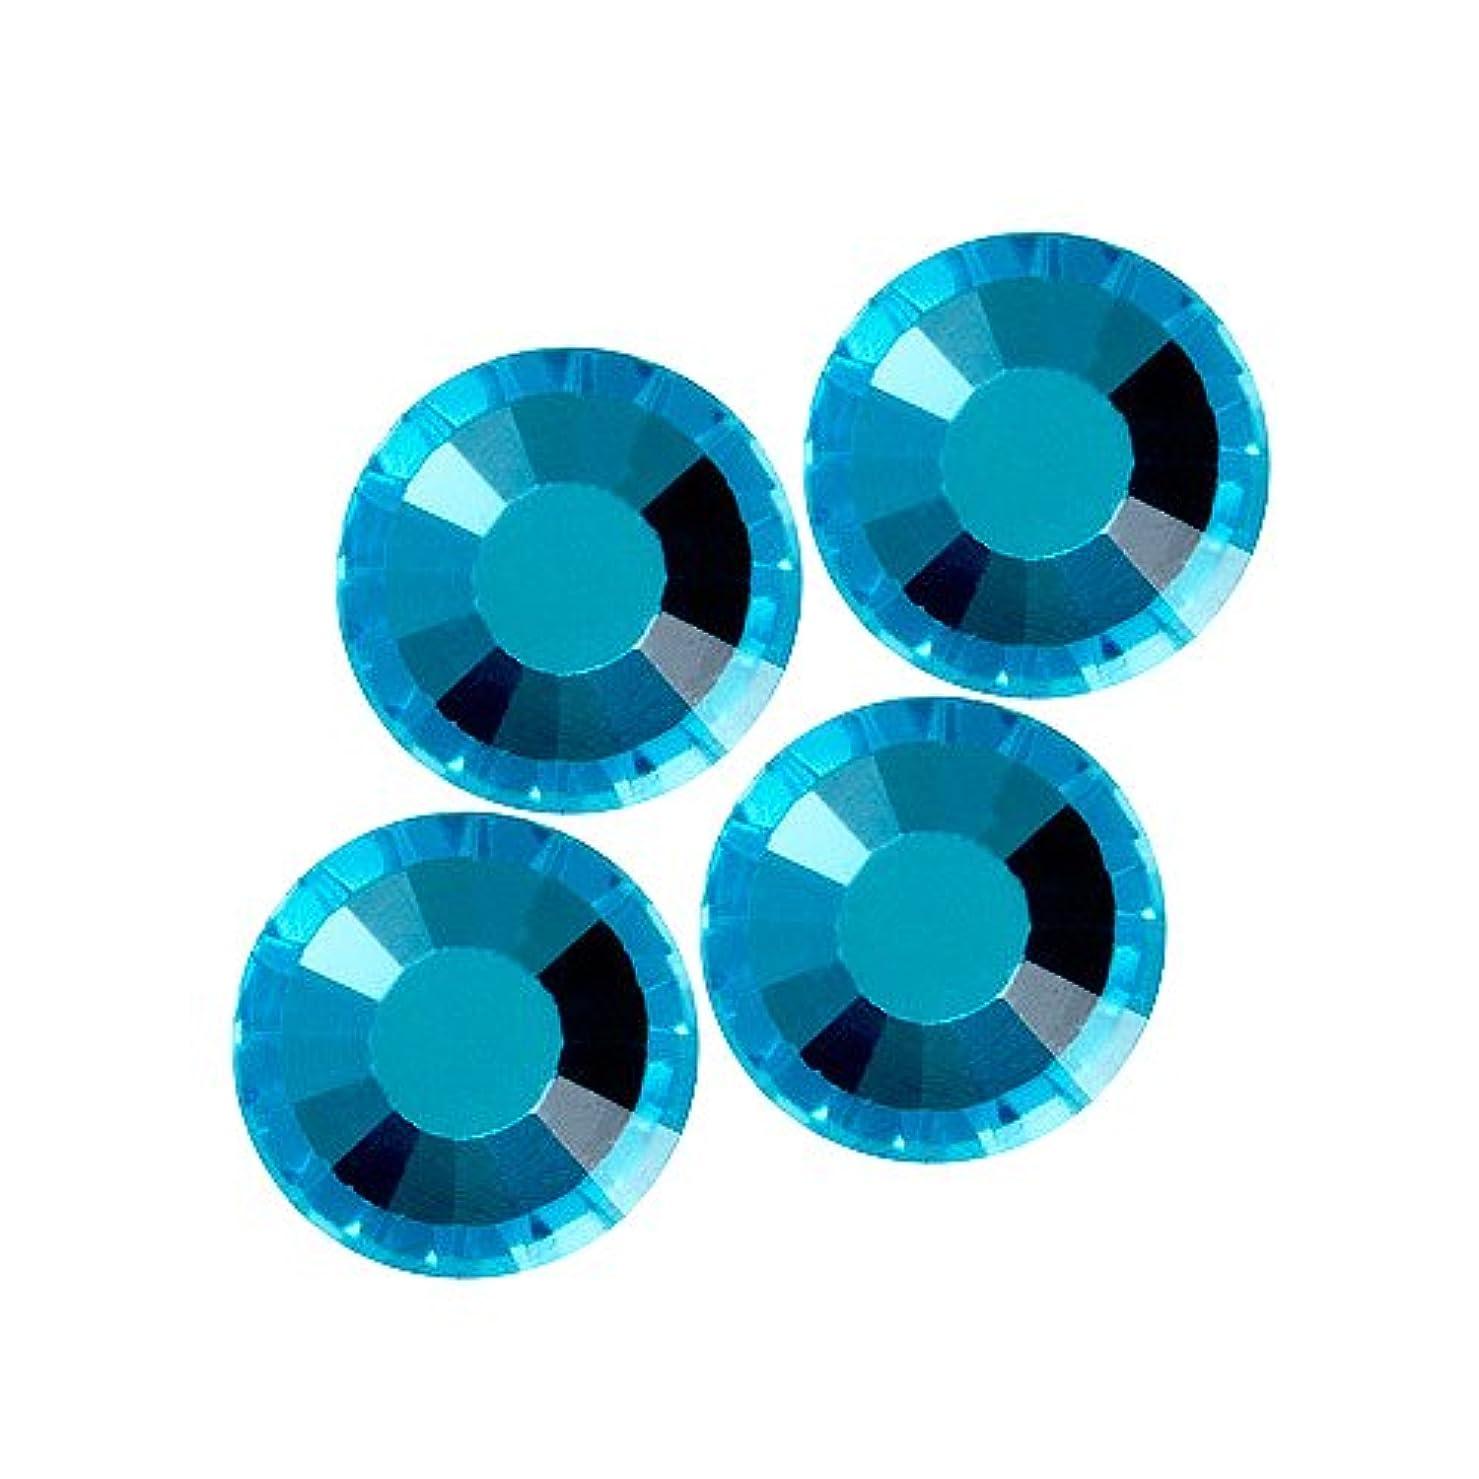 調整可能クリック残りバイナル DIAMOND RHINESTONE アクアマリン SS12 1440粒 ST-SS12-AQM-10G